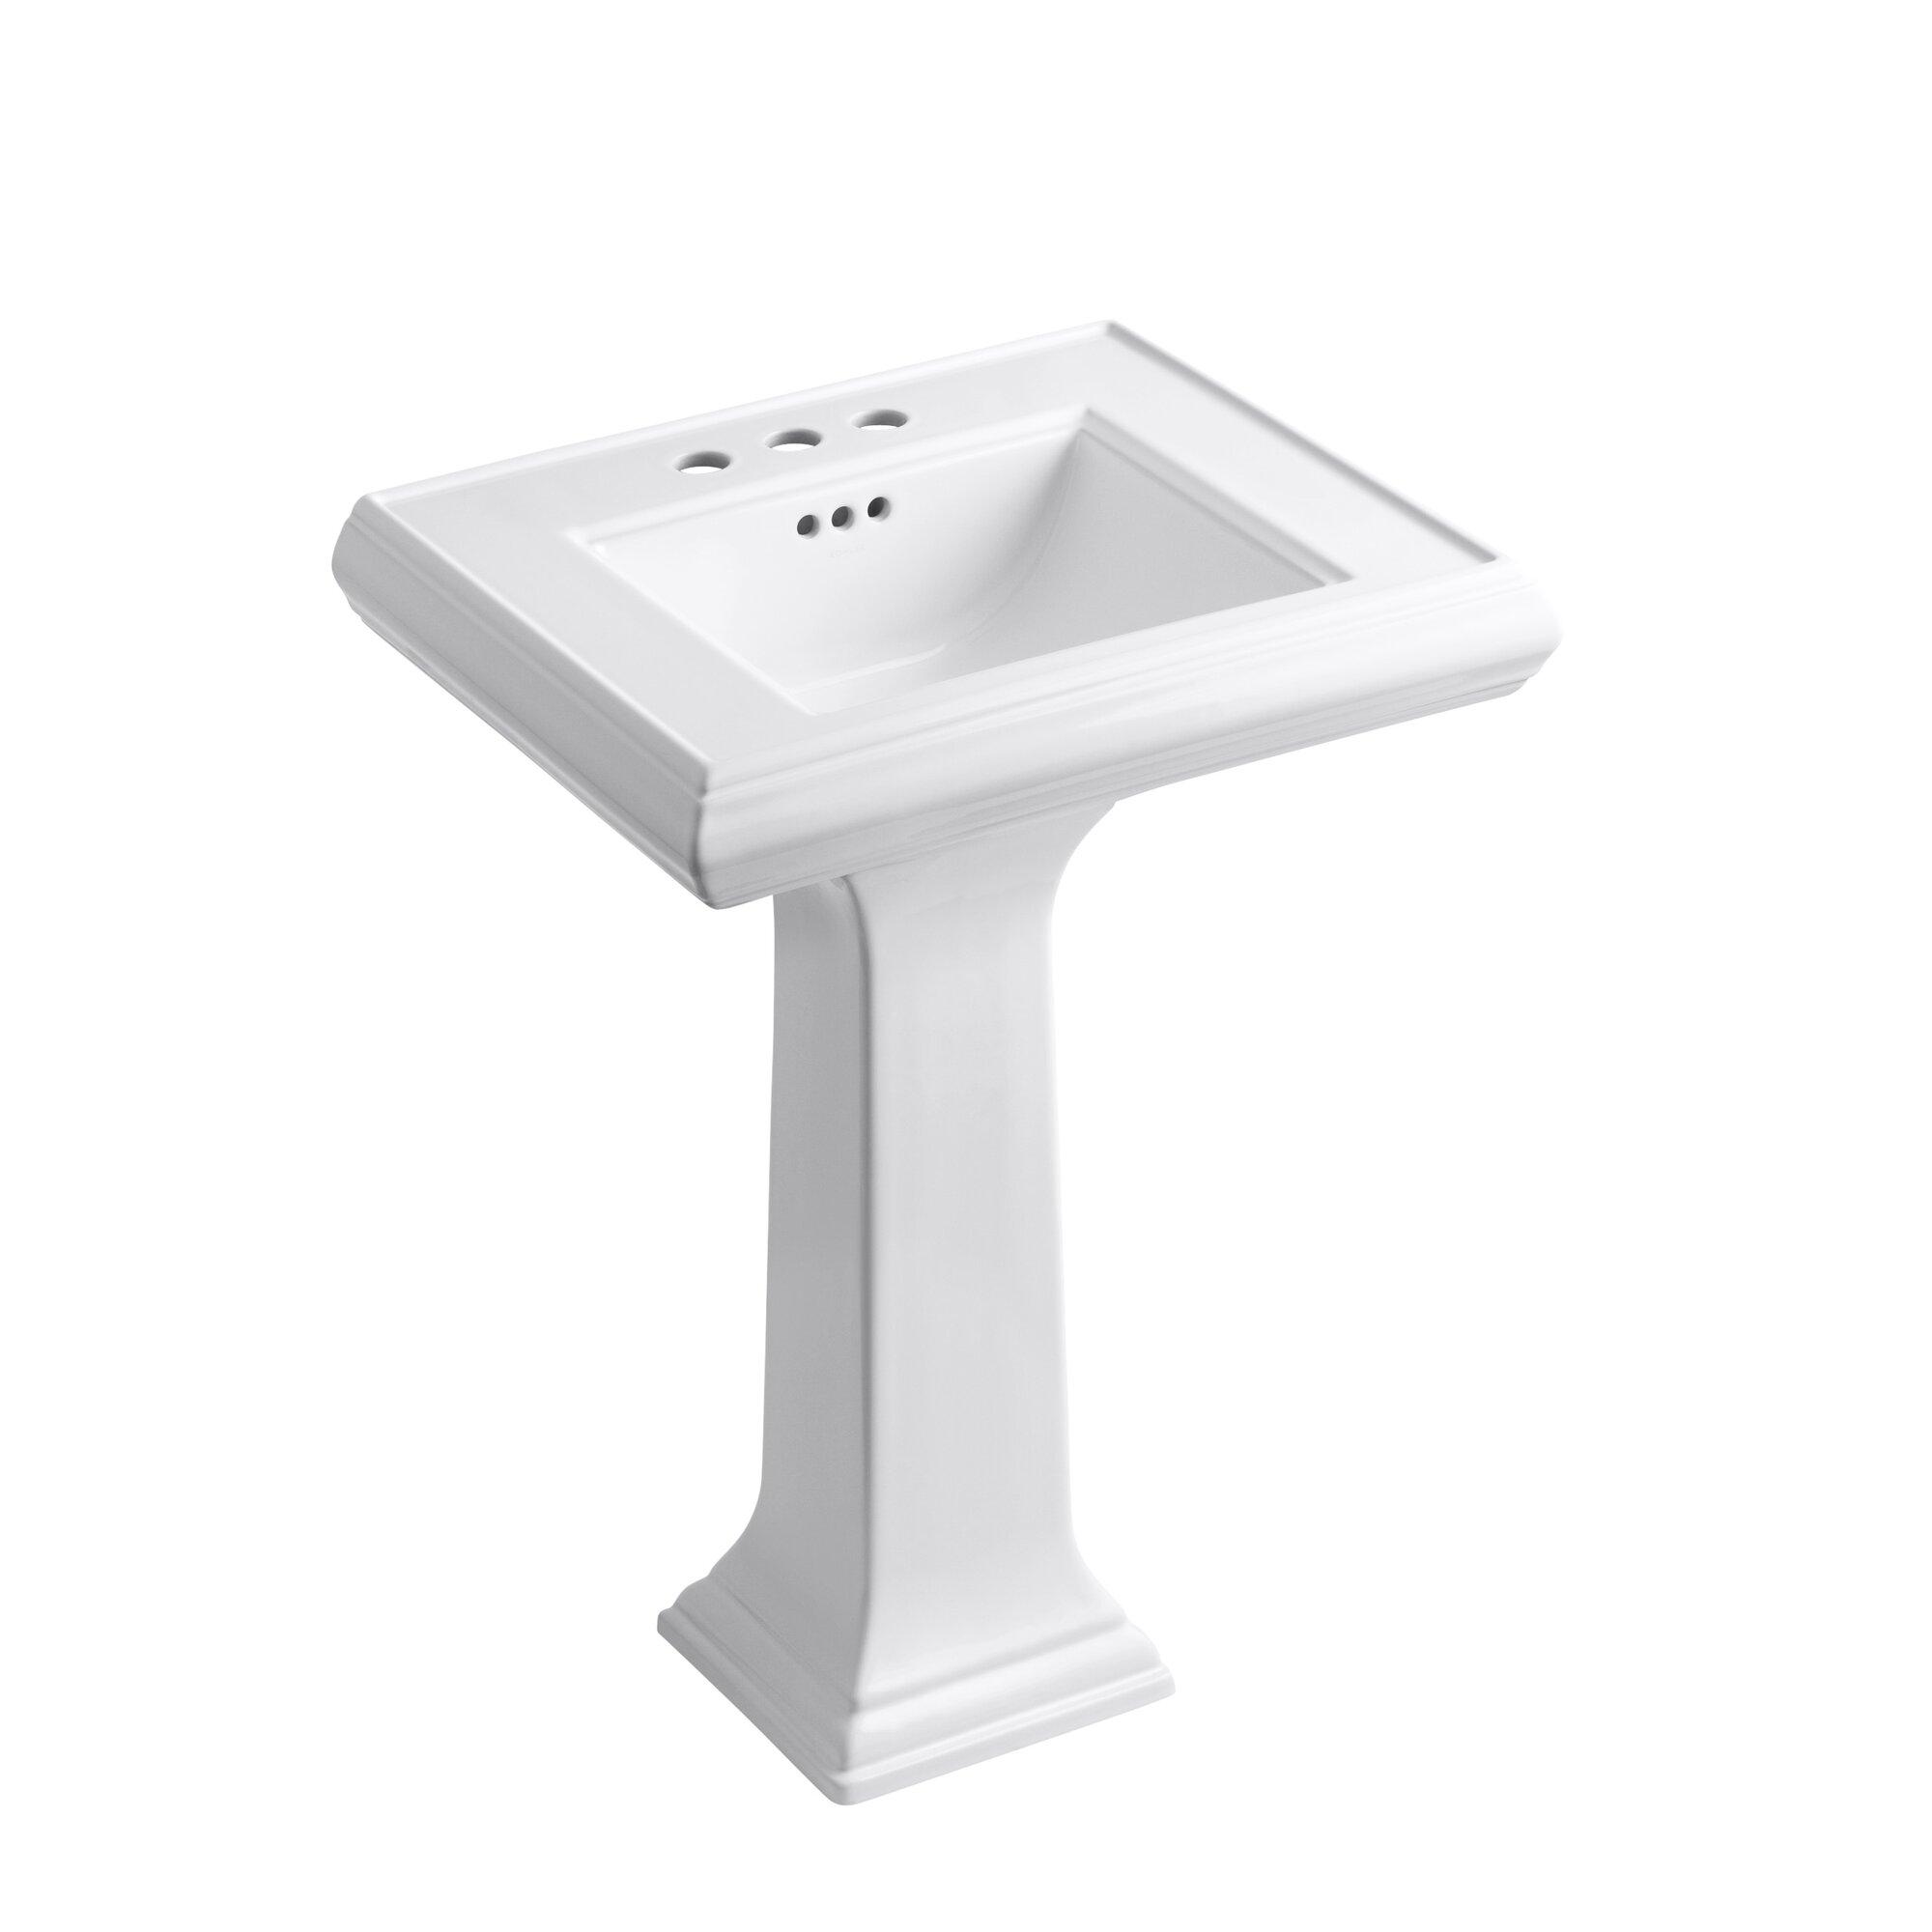 Kohler Memoirs 24 Wall Mount Bathroom Sink Reviews Wayfair